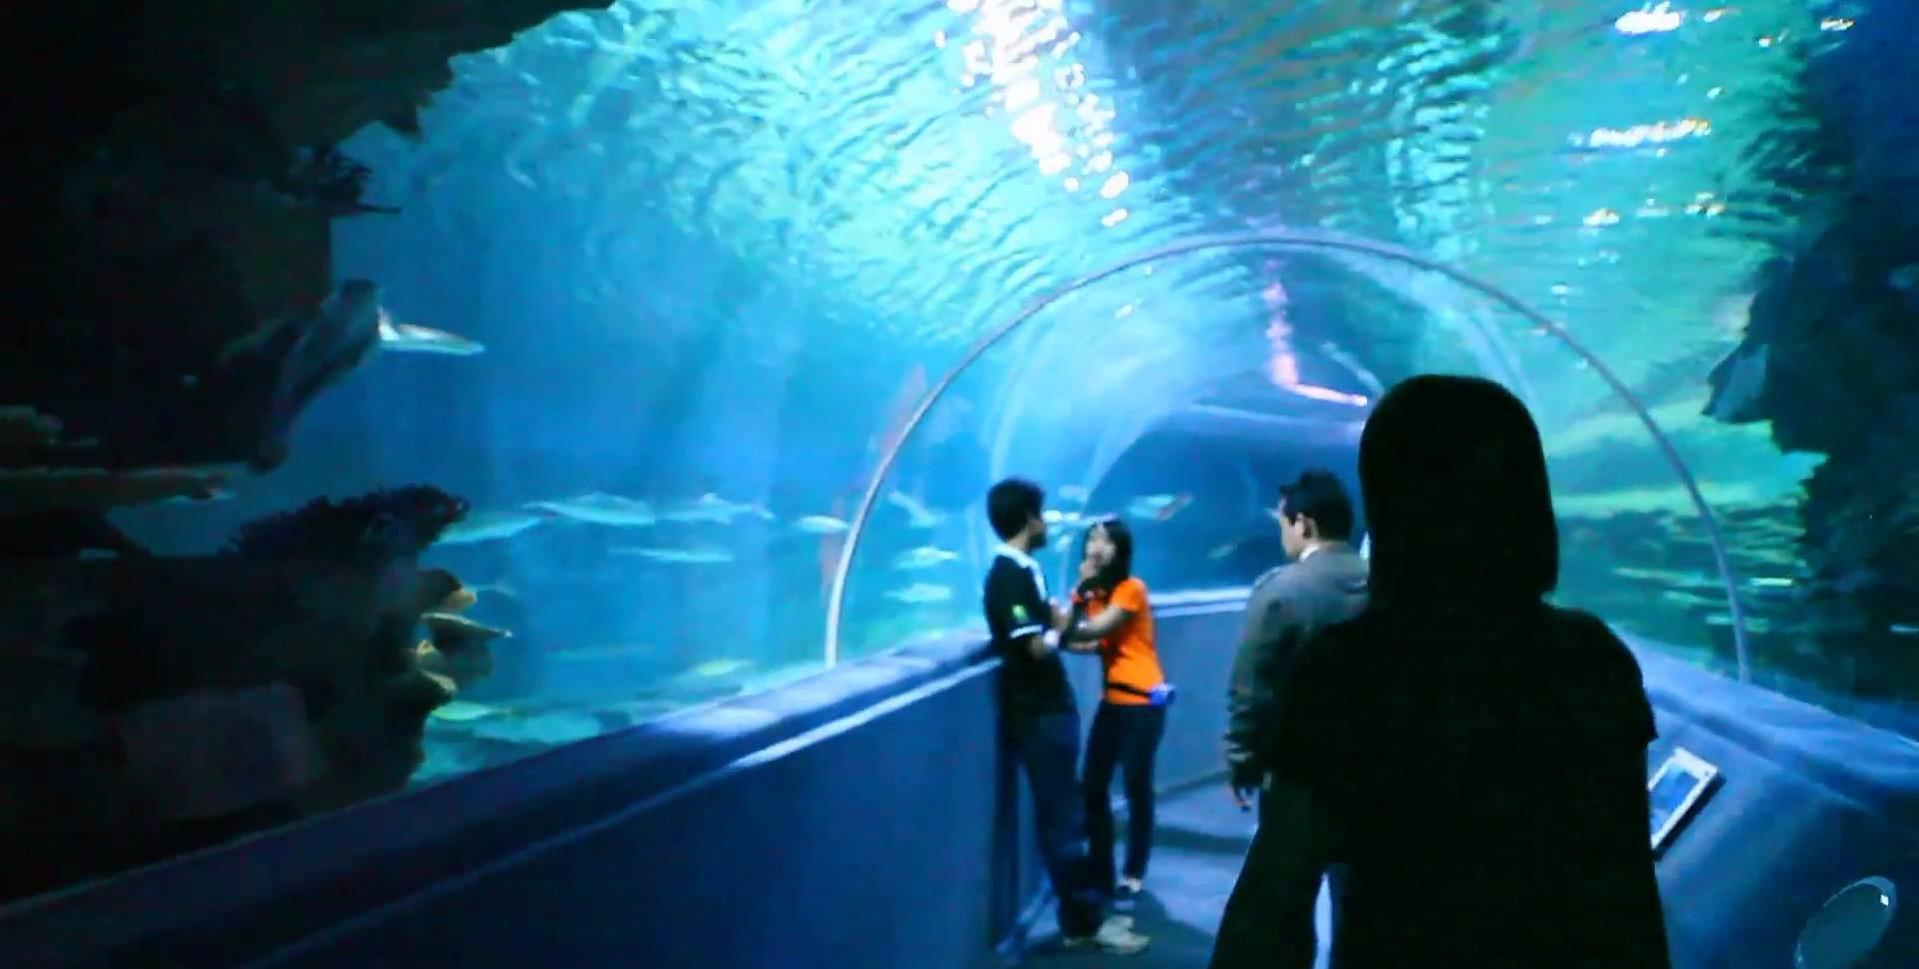 Đường hầm dài 133 m nắm giữ kỷ lục Guinness